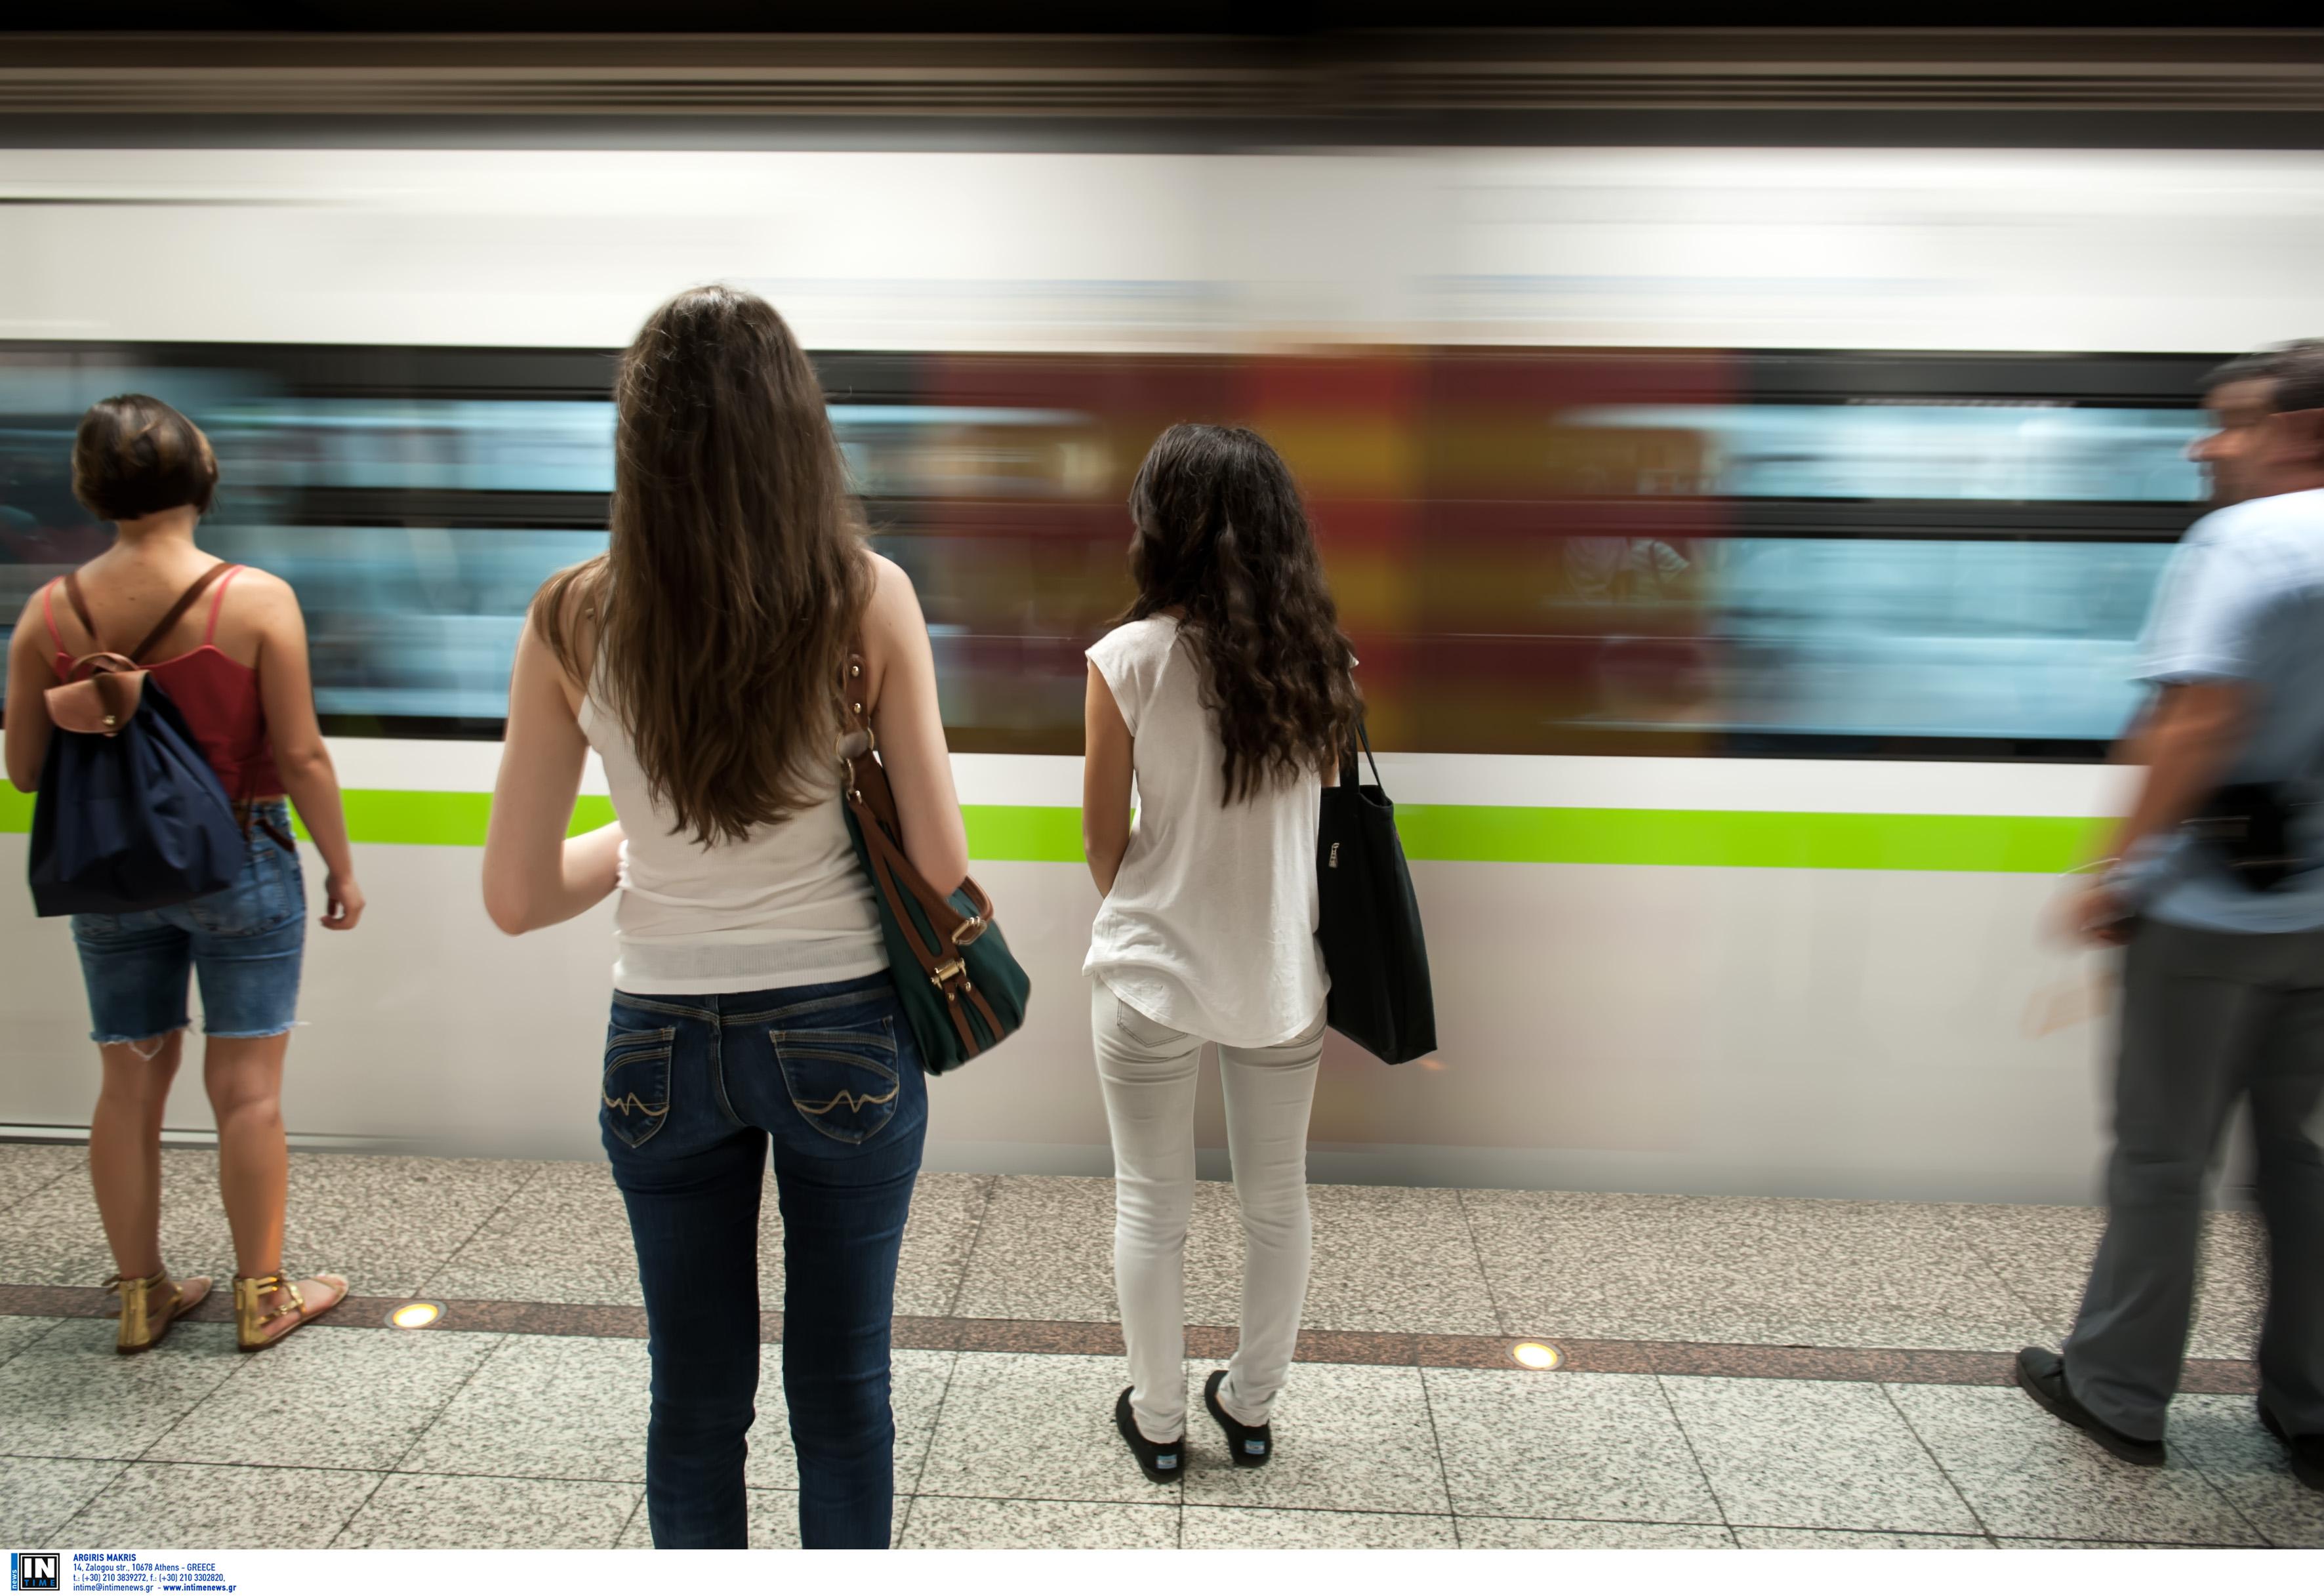 Μετρό: Ανεστάλη η απεργία! Κανονικά τα δρομολόγια Πέμπτη και Παρασκευή!